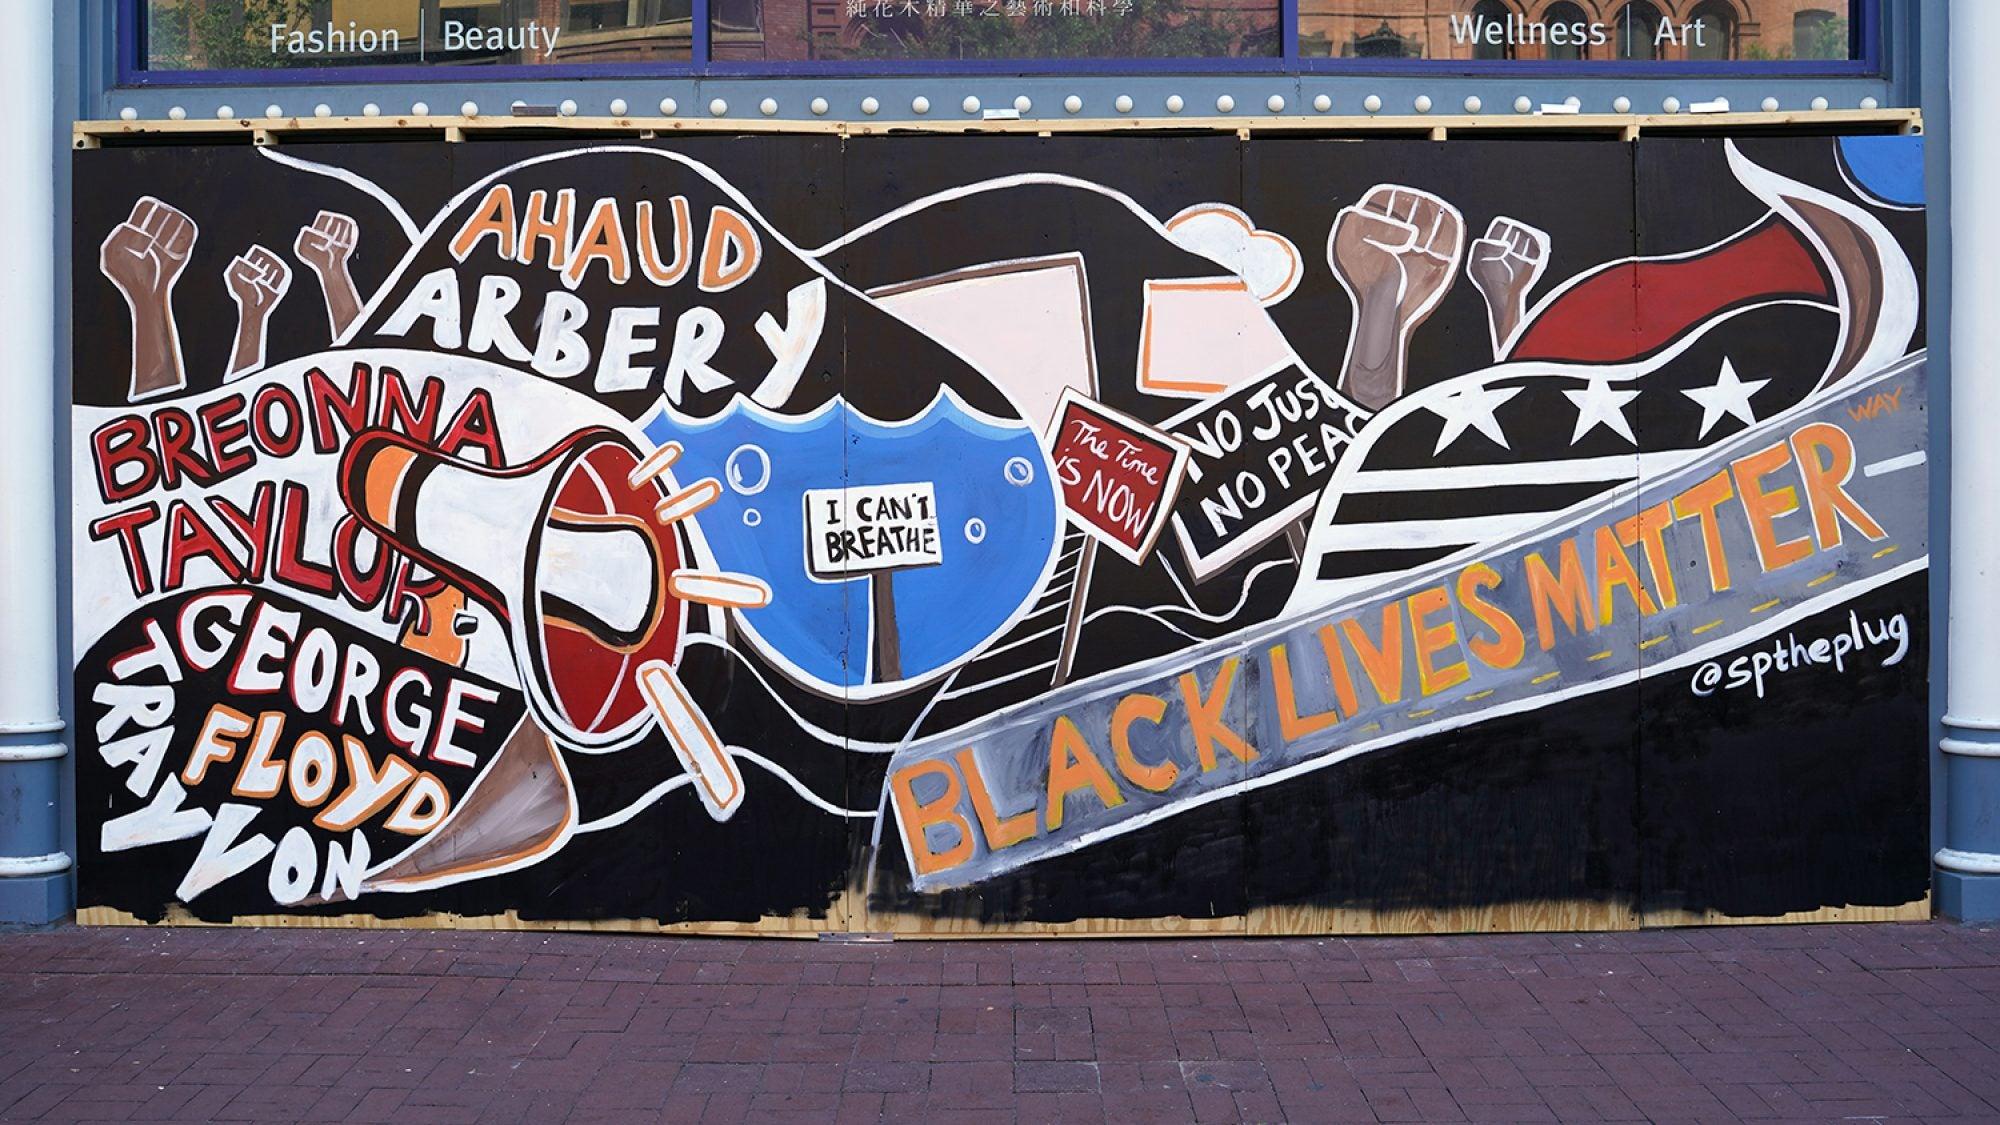 Image of Black Lives Matter mural